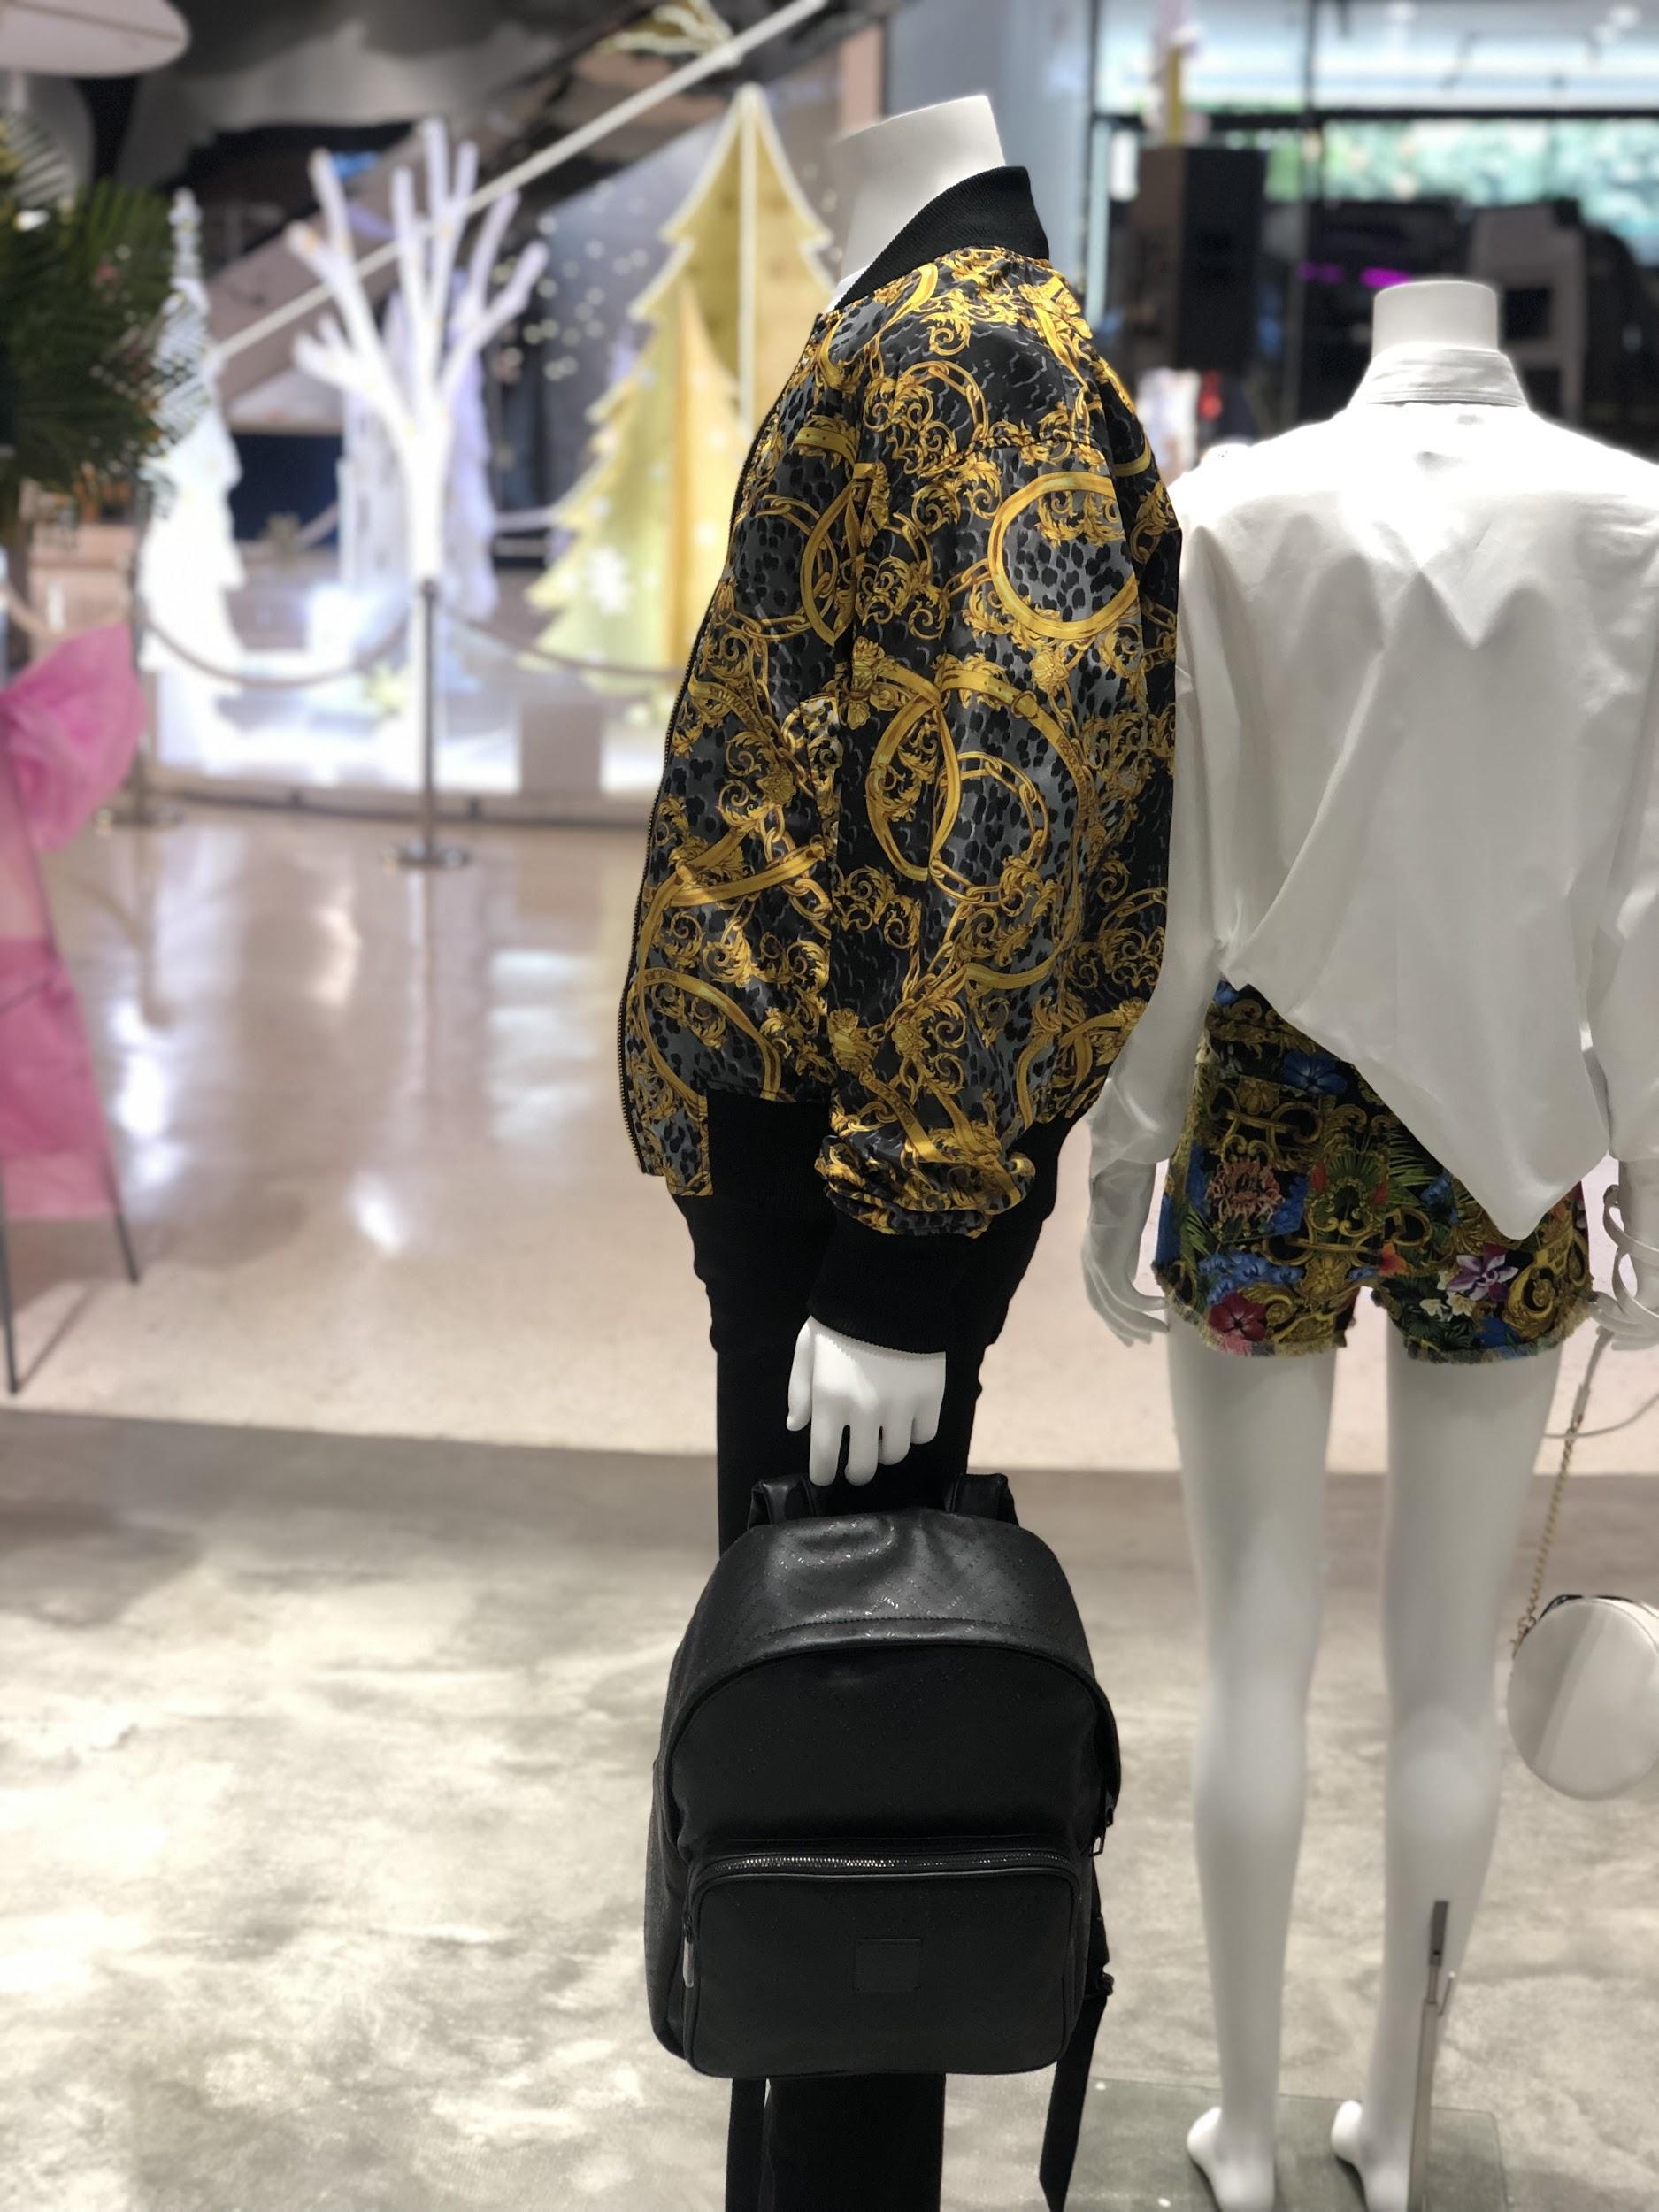 Đột nhập khu mua sắm xa xỉ bậc nhất quận 7 với sự góp mặt của 5 ông lớn ngành thời trang thế giới - Ảnh 9.